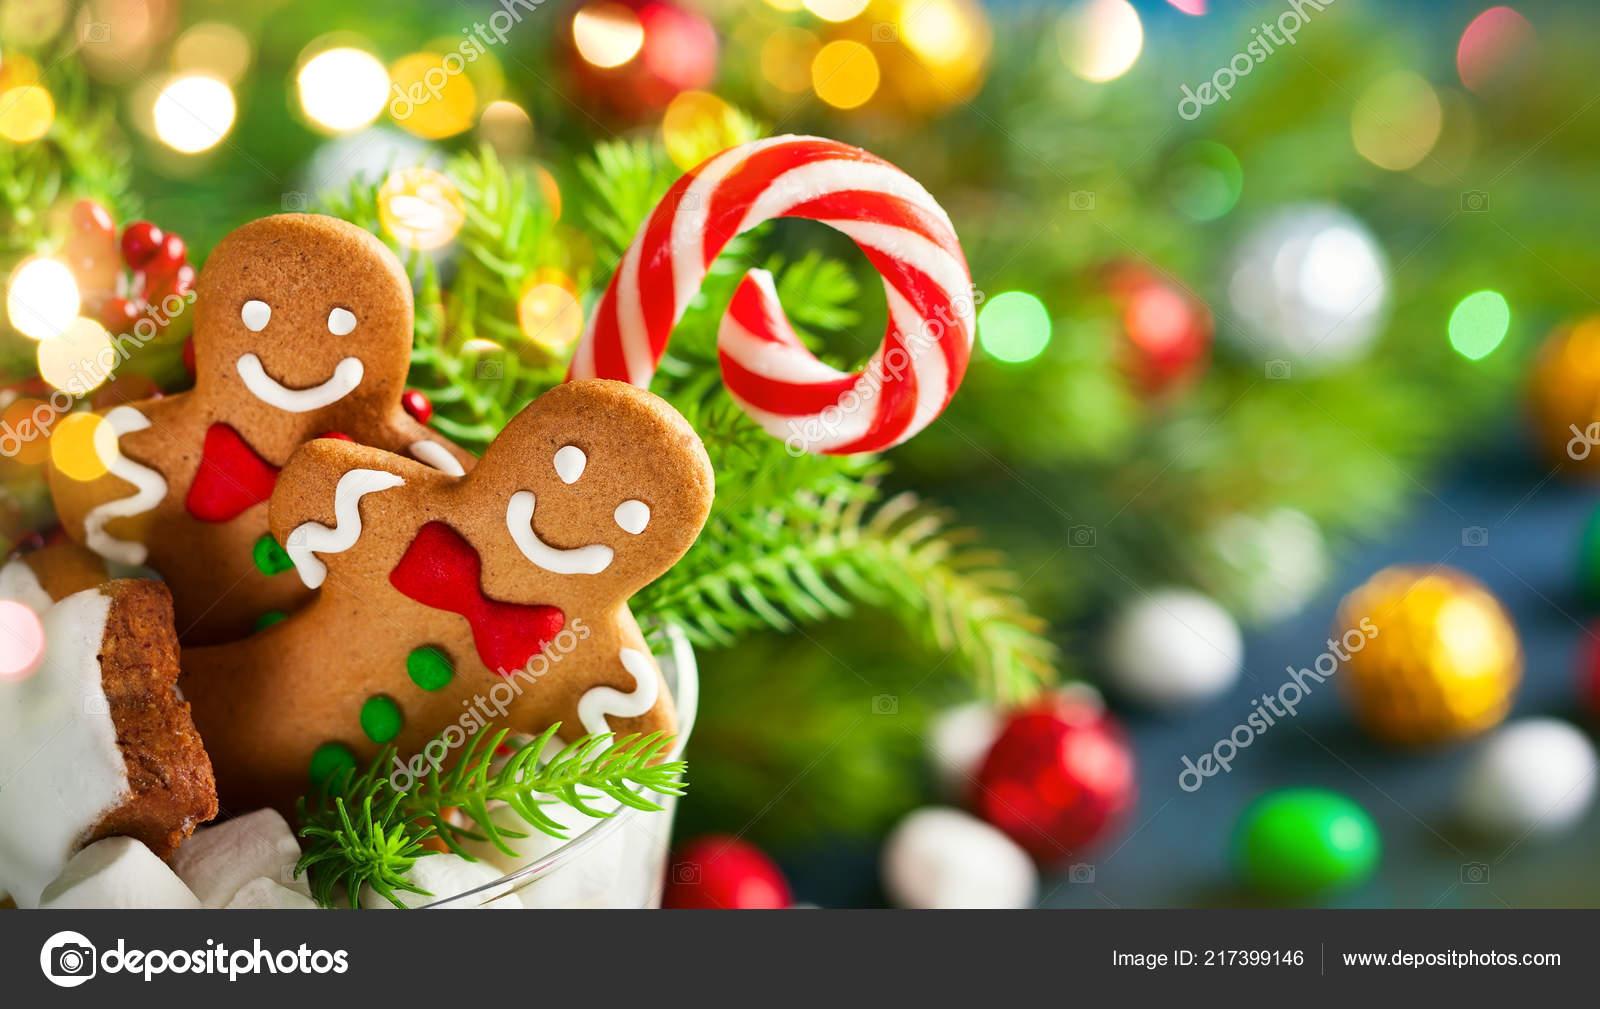 Biscuits Noel Bonbons Sucres Guimauve Verre Une Idee Parfaite Pour